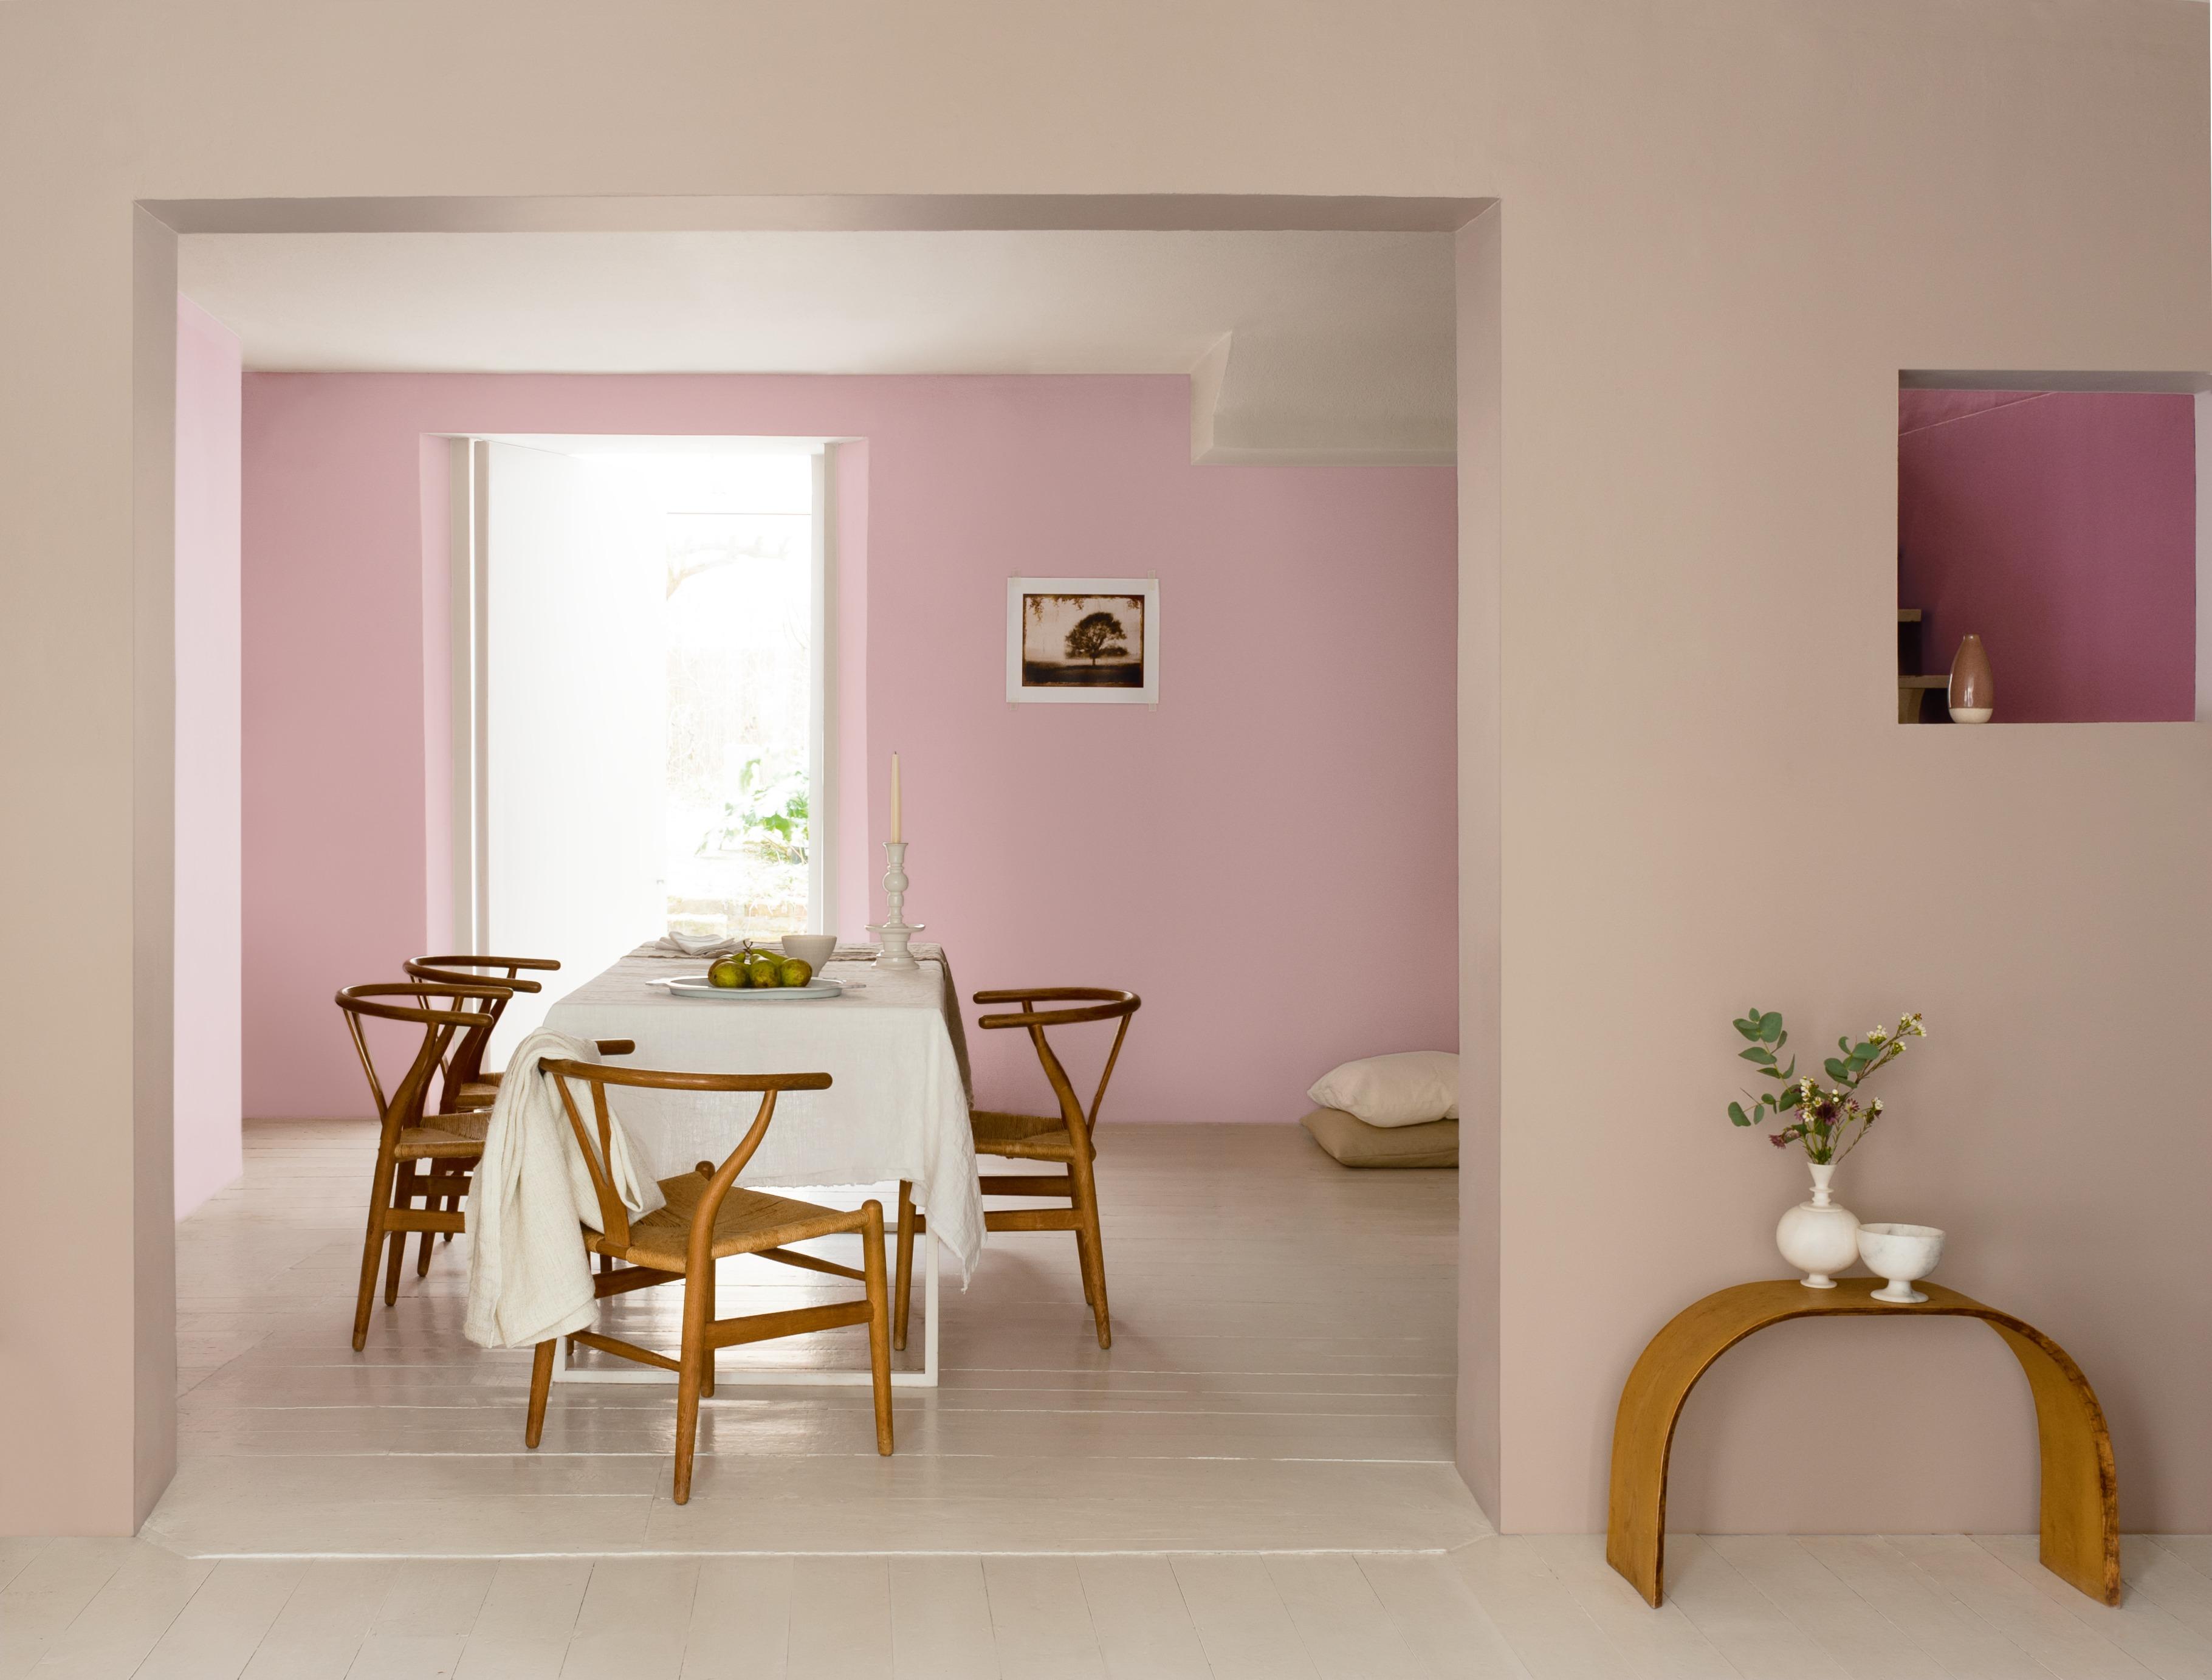 Wohnzimmer-Rosa-Stühle-Tisch-Esstisch-Pastell-Holz - Miss Made It